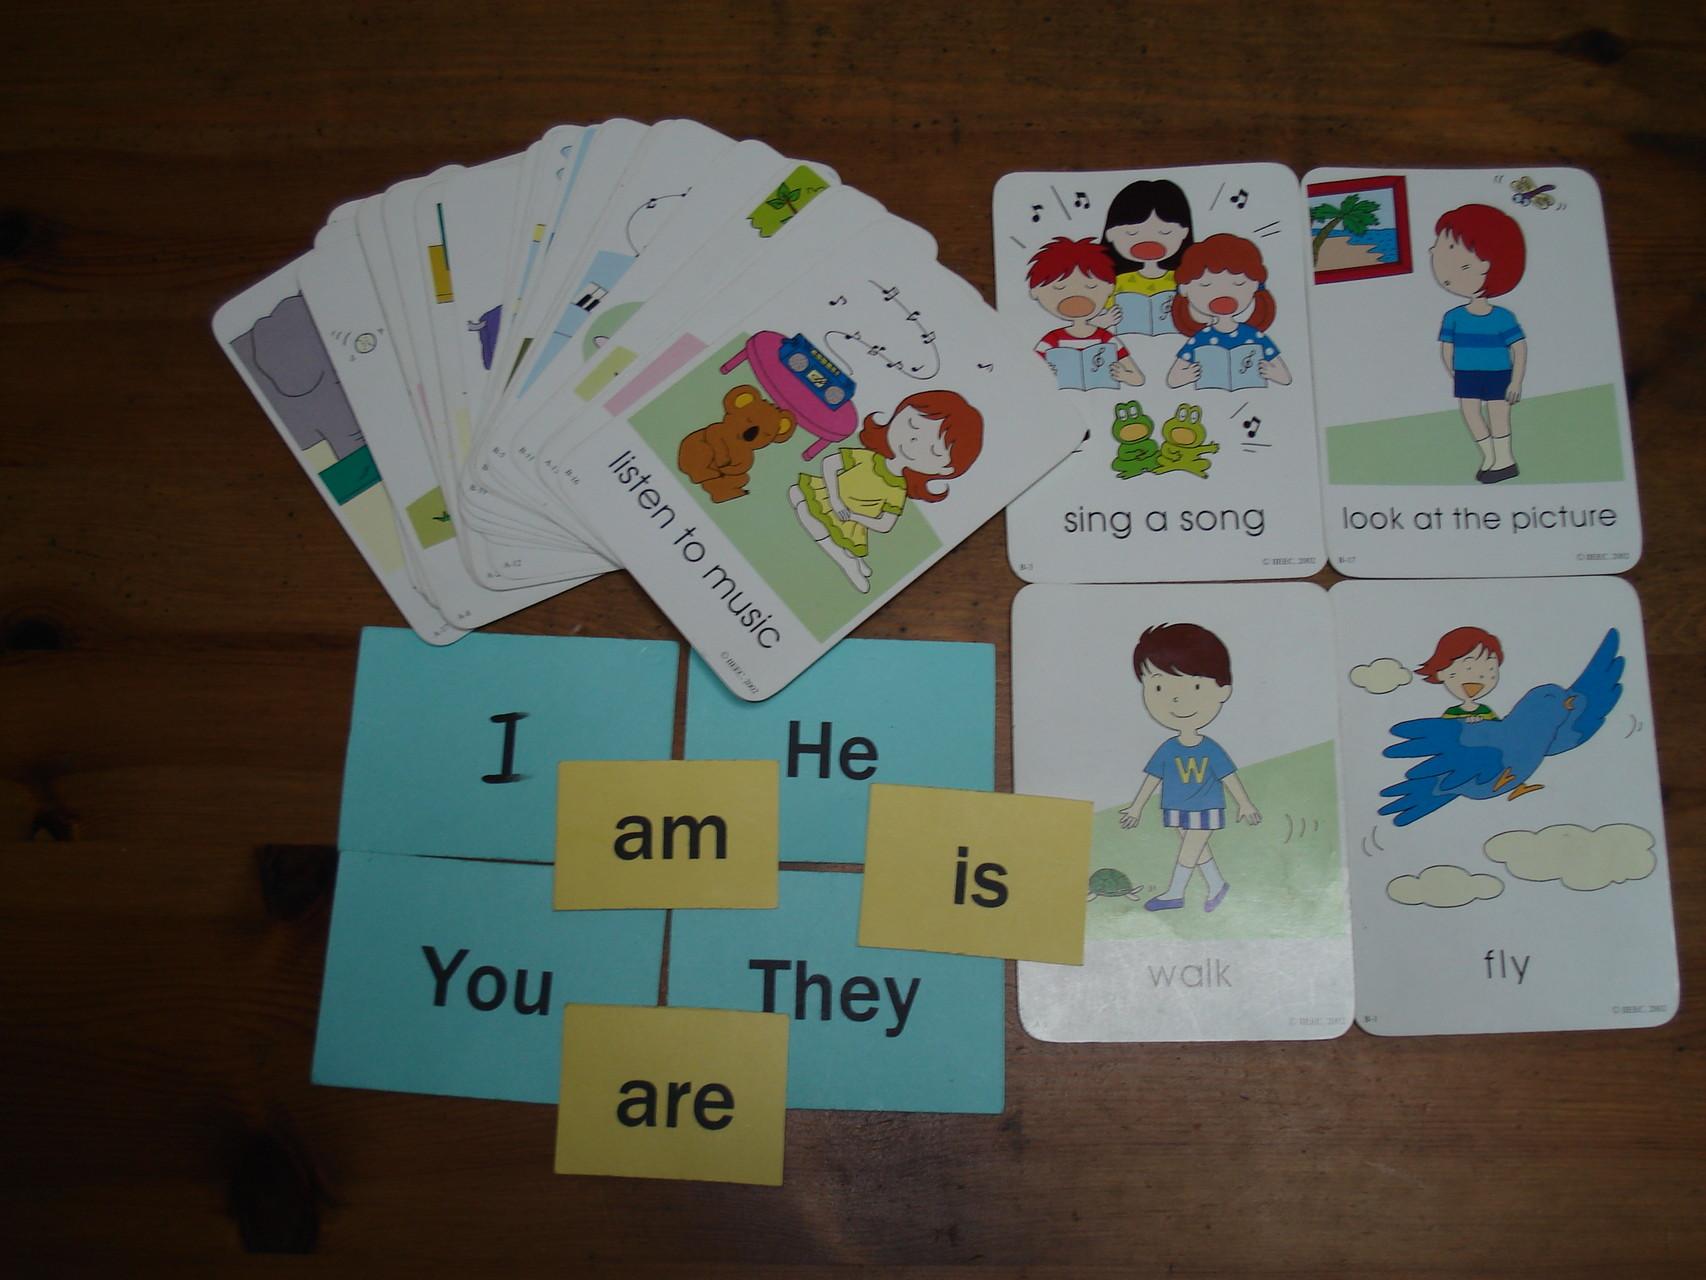 文法のお勉強は日本人の私たちにはとても大切です。意味を理解しながらお勉強しましょうね!